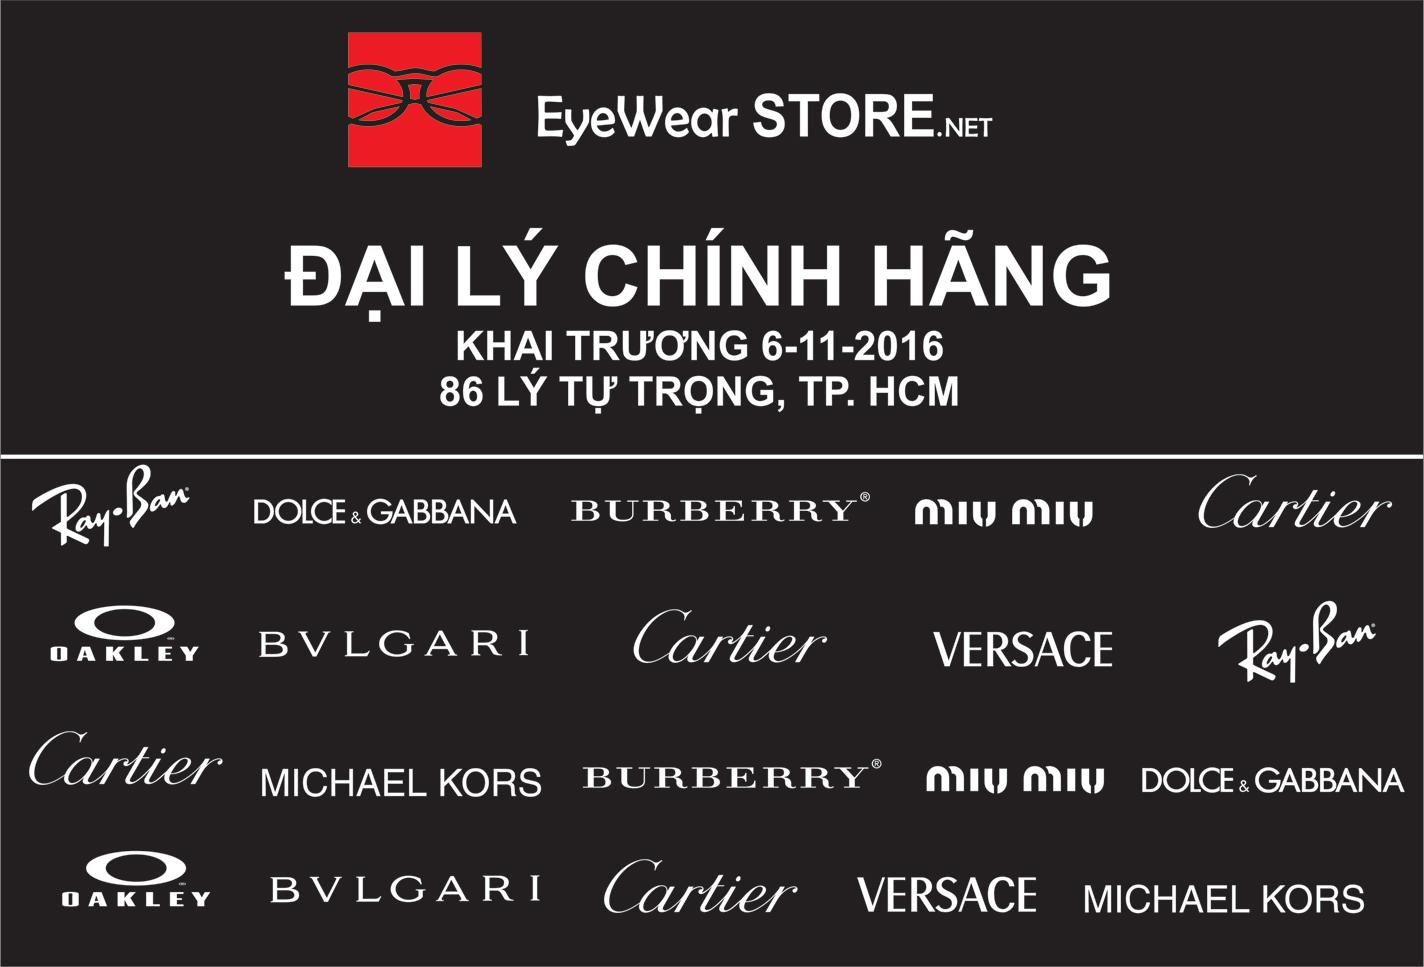 Eyewear STORE khai trương Showroom kính mắt cao cấp tại TP. Hồ Chí Minh